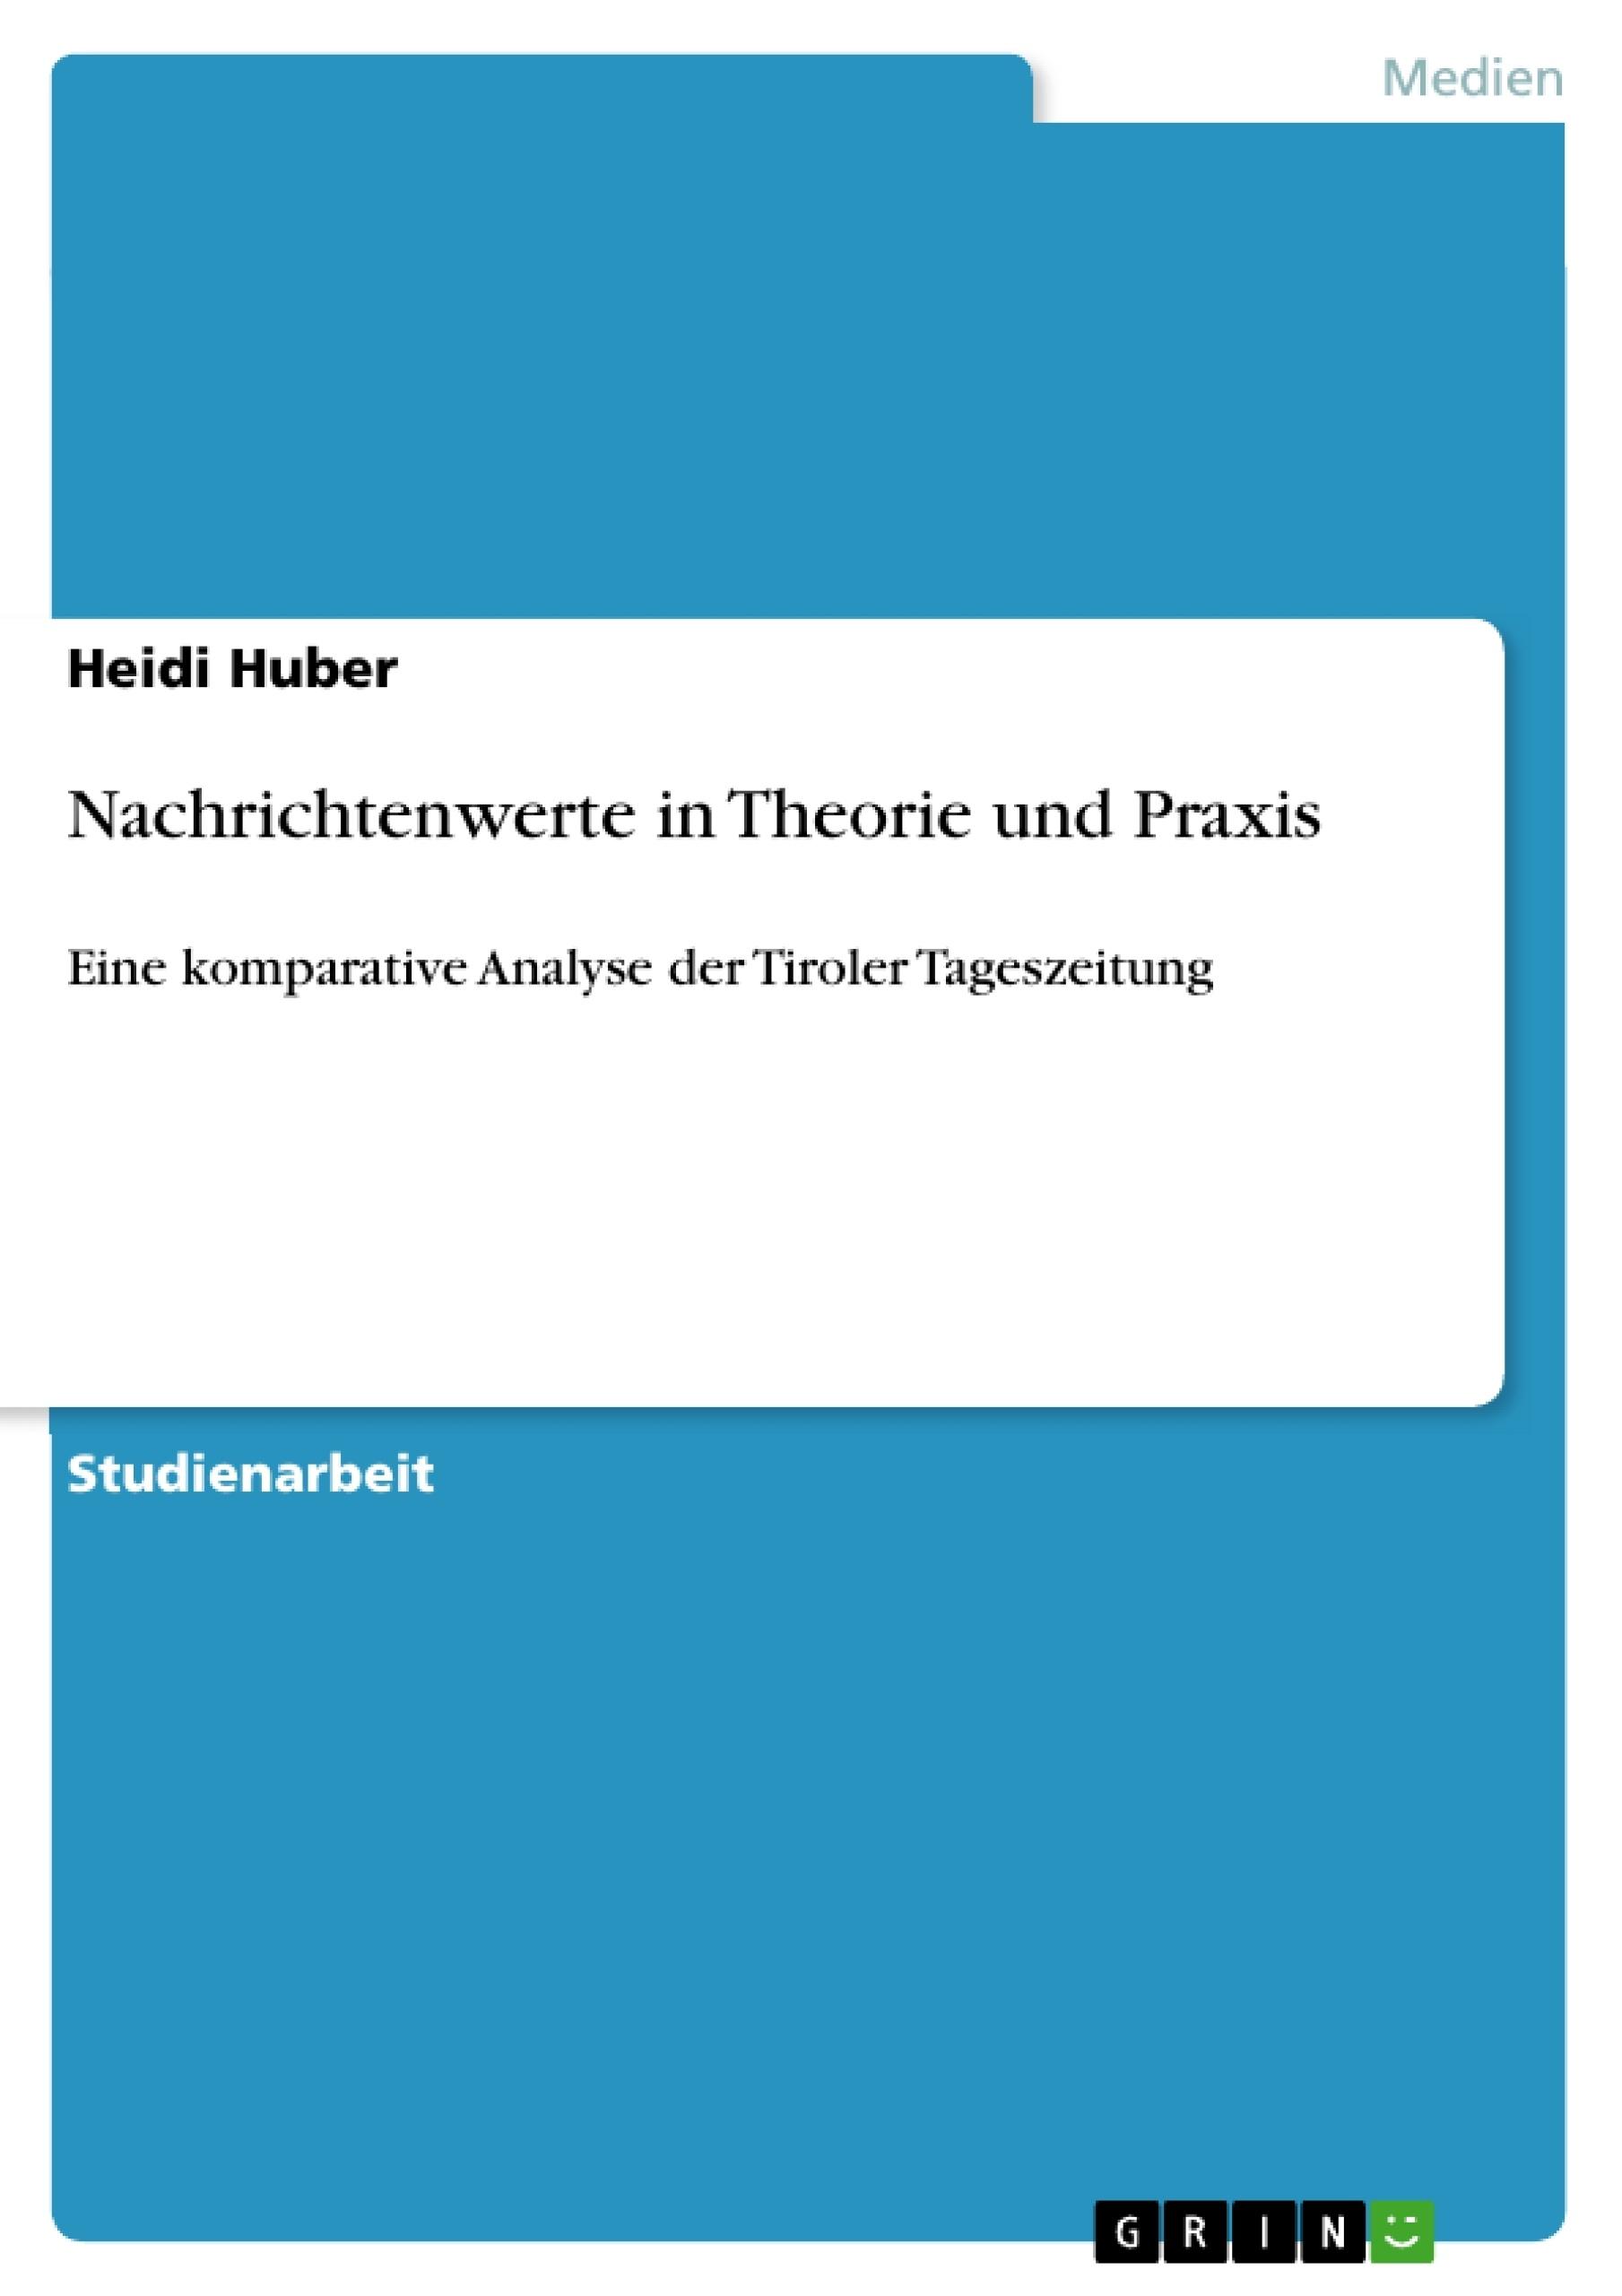 Titel: Nachrichtenwerte in Theorie und Praxis